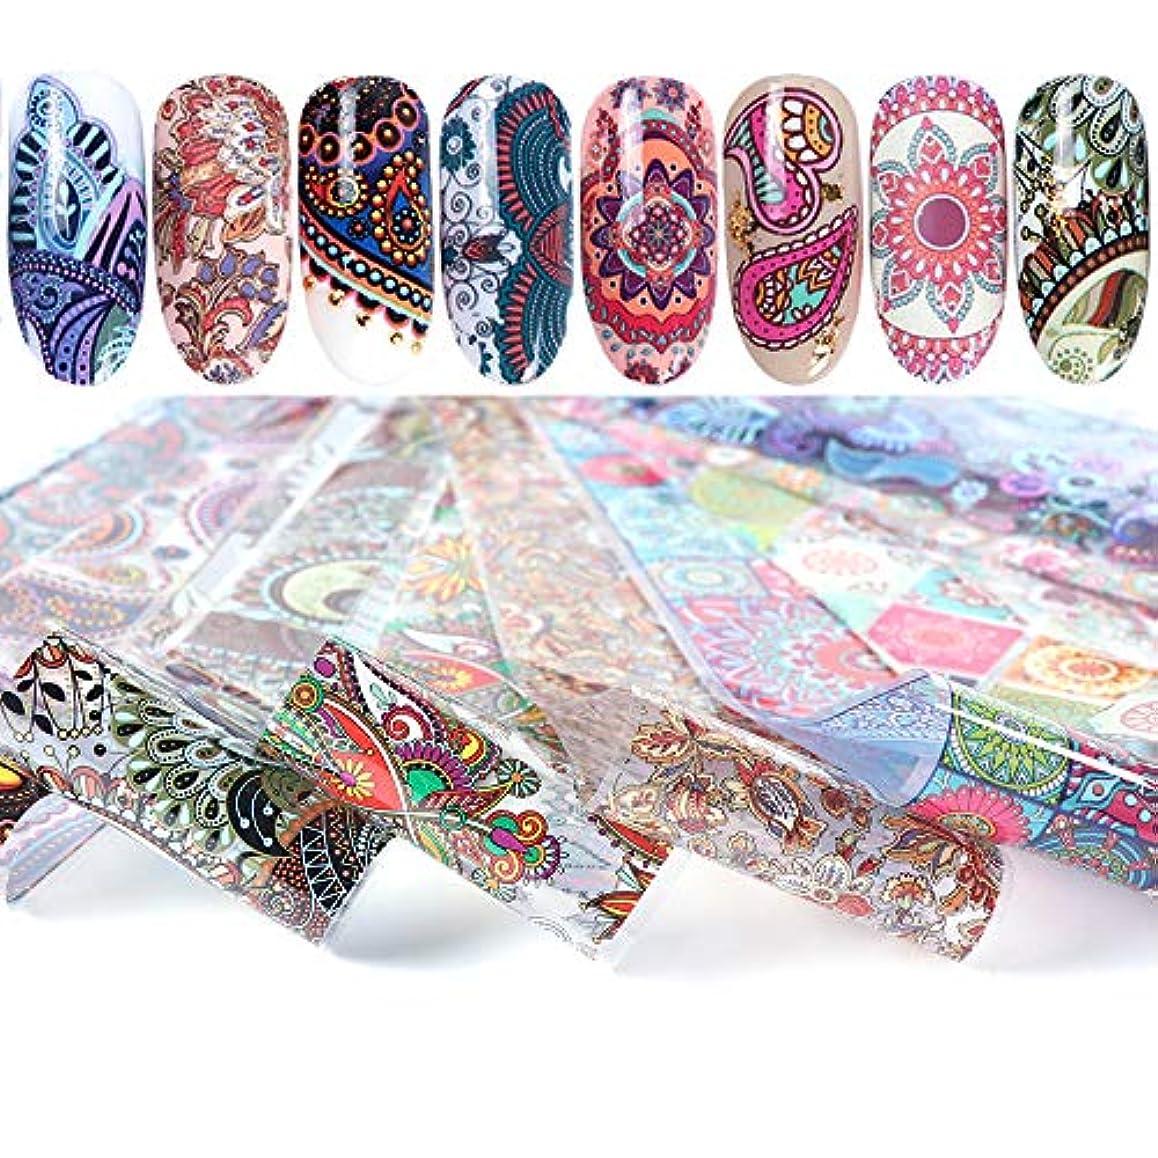 委任ラフ睡眠署名SUKTI&XIAO ネイルステッカー 10個ホログラフィックネイル箔セットネイルアート転写ステッカー4 * 20cm混合デザインネイルアートスライドマニキュア装飾